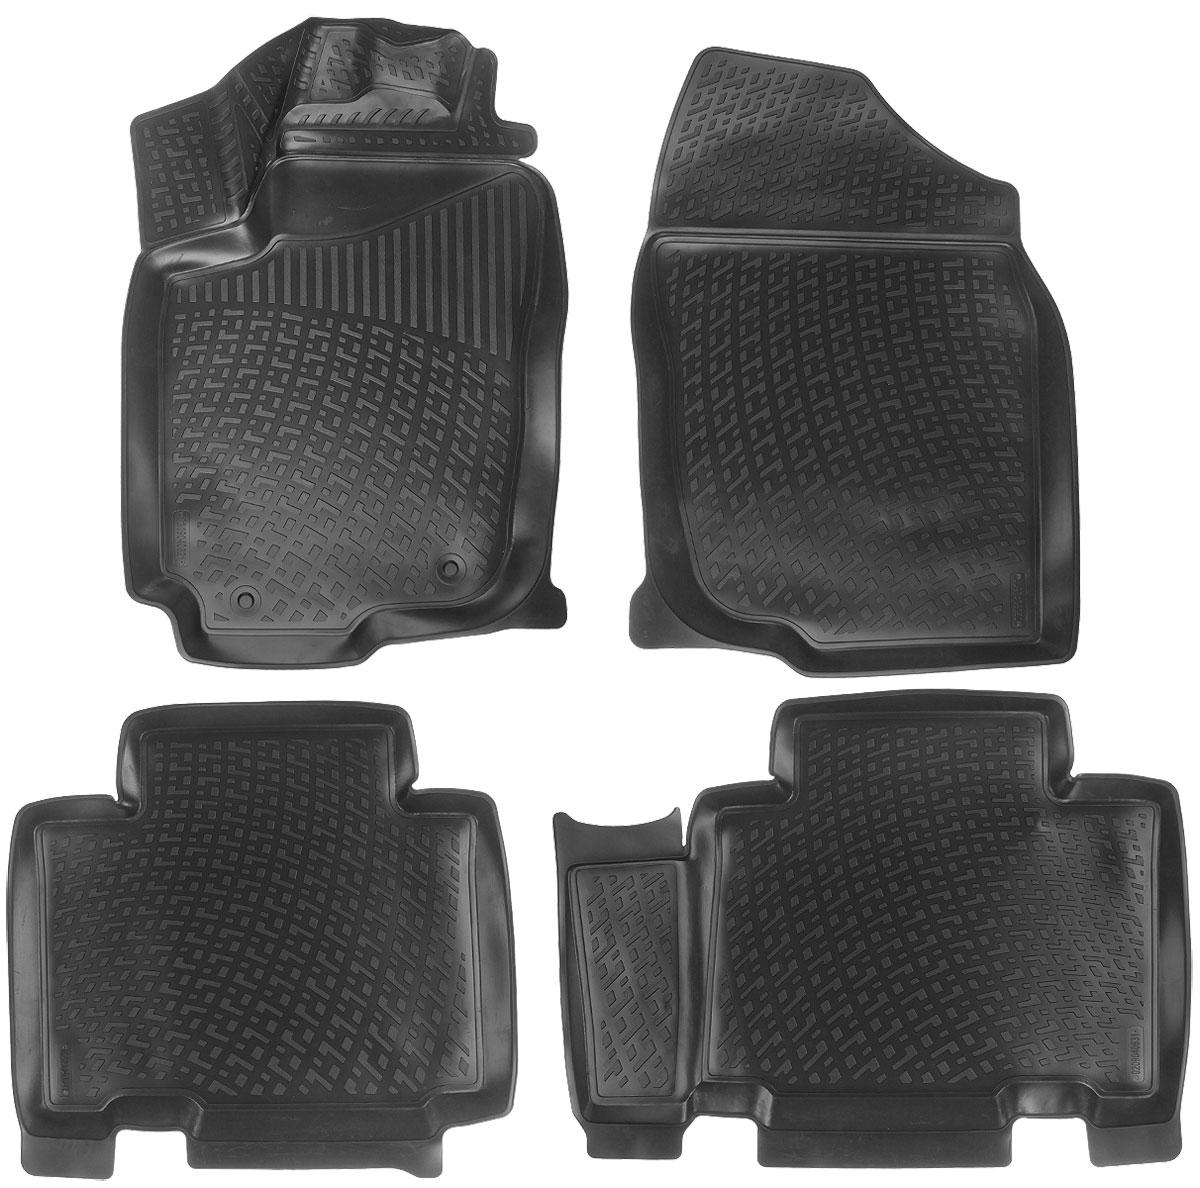 Набор автомобильных ковриков L.Locker Toyota RAV4 IV 2012, в салон, 4 штВетерок 2ГФНабор L.Locker Toyota RAV4 IV 2012, изготовленный из полиуретана, состоит из 4 антискользящих 3D ковриков, которые производятся индивидуально для каждой модели автомобиля. Изделие точно повторяет геометрию пола автомобиля, имеет высокий борт, обладает повышенной износоустойчивостью, лишено резкого запаха и сохраняет свои потребительские свойства в широком диапазоне температур от -50°С до +50°С. Набор подходит для автомобилей с 2012 года выпуска. Комплектация: 4 шт.Размер ковриков: 81 см х 55 см; 80 см х 60 см; 62 см х 59 см; 78 см х 55 см.